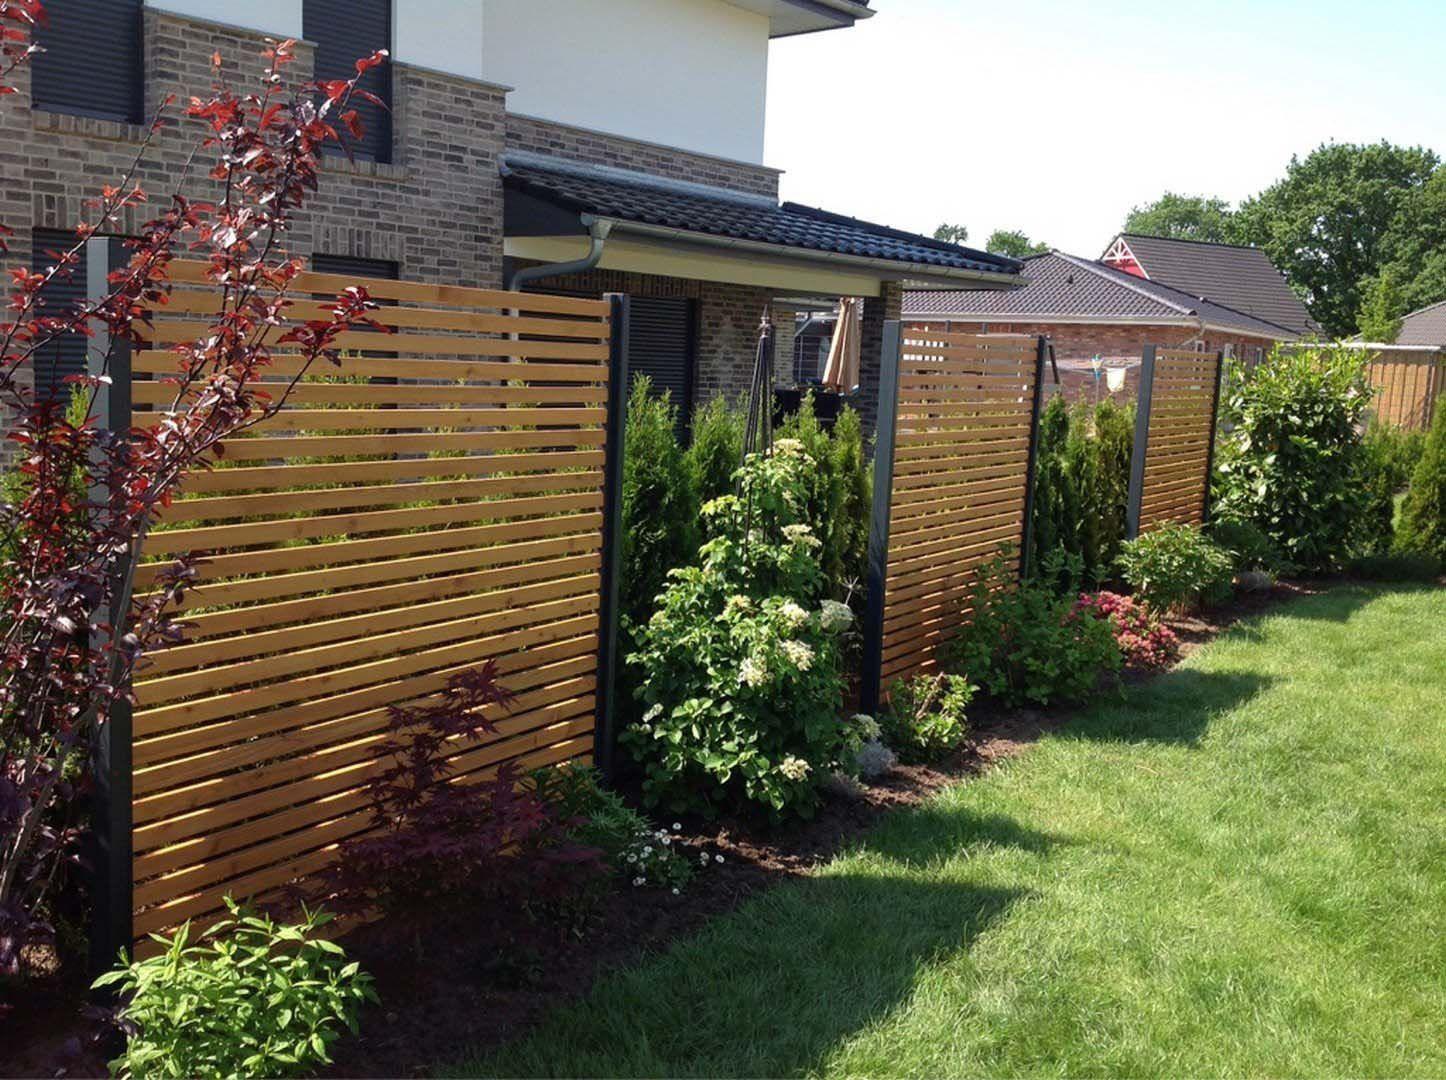 Sichtschutz Im Garten  Design Sichtschutz halbdurchlässig aus Metall Holz